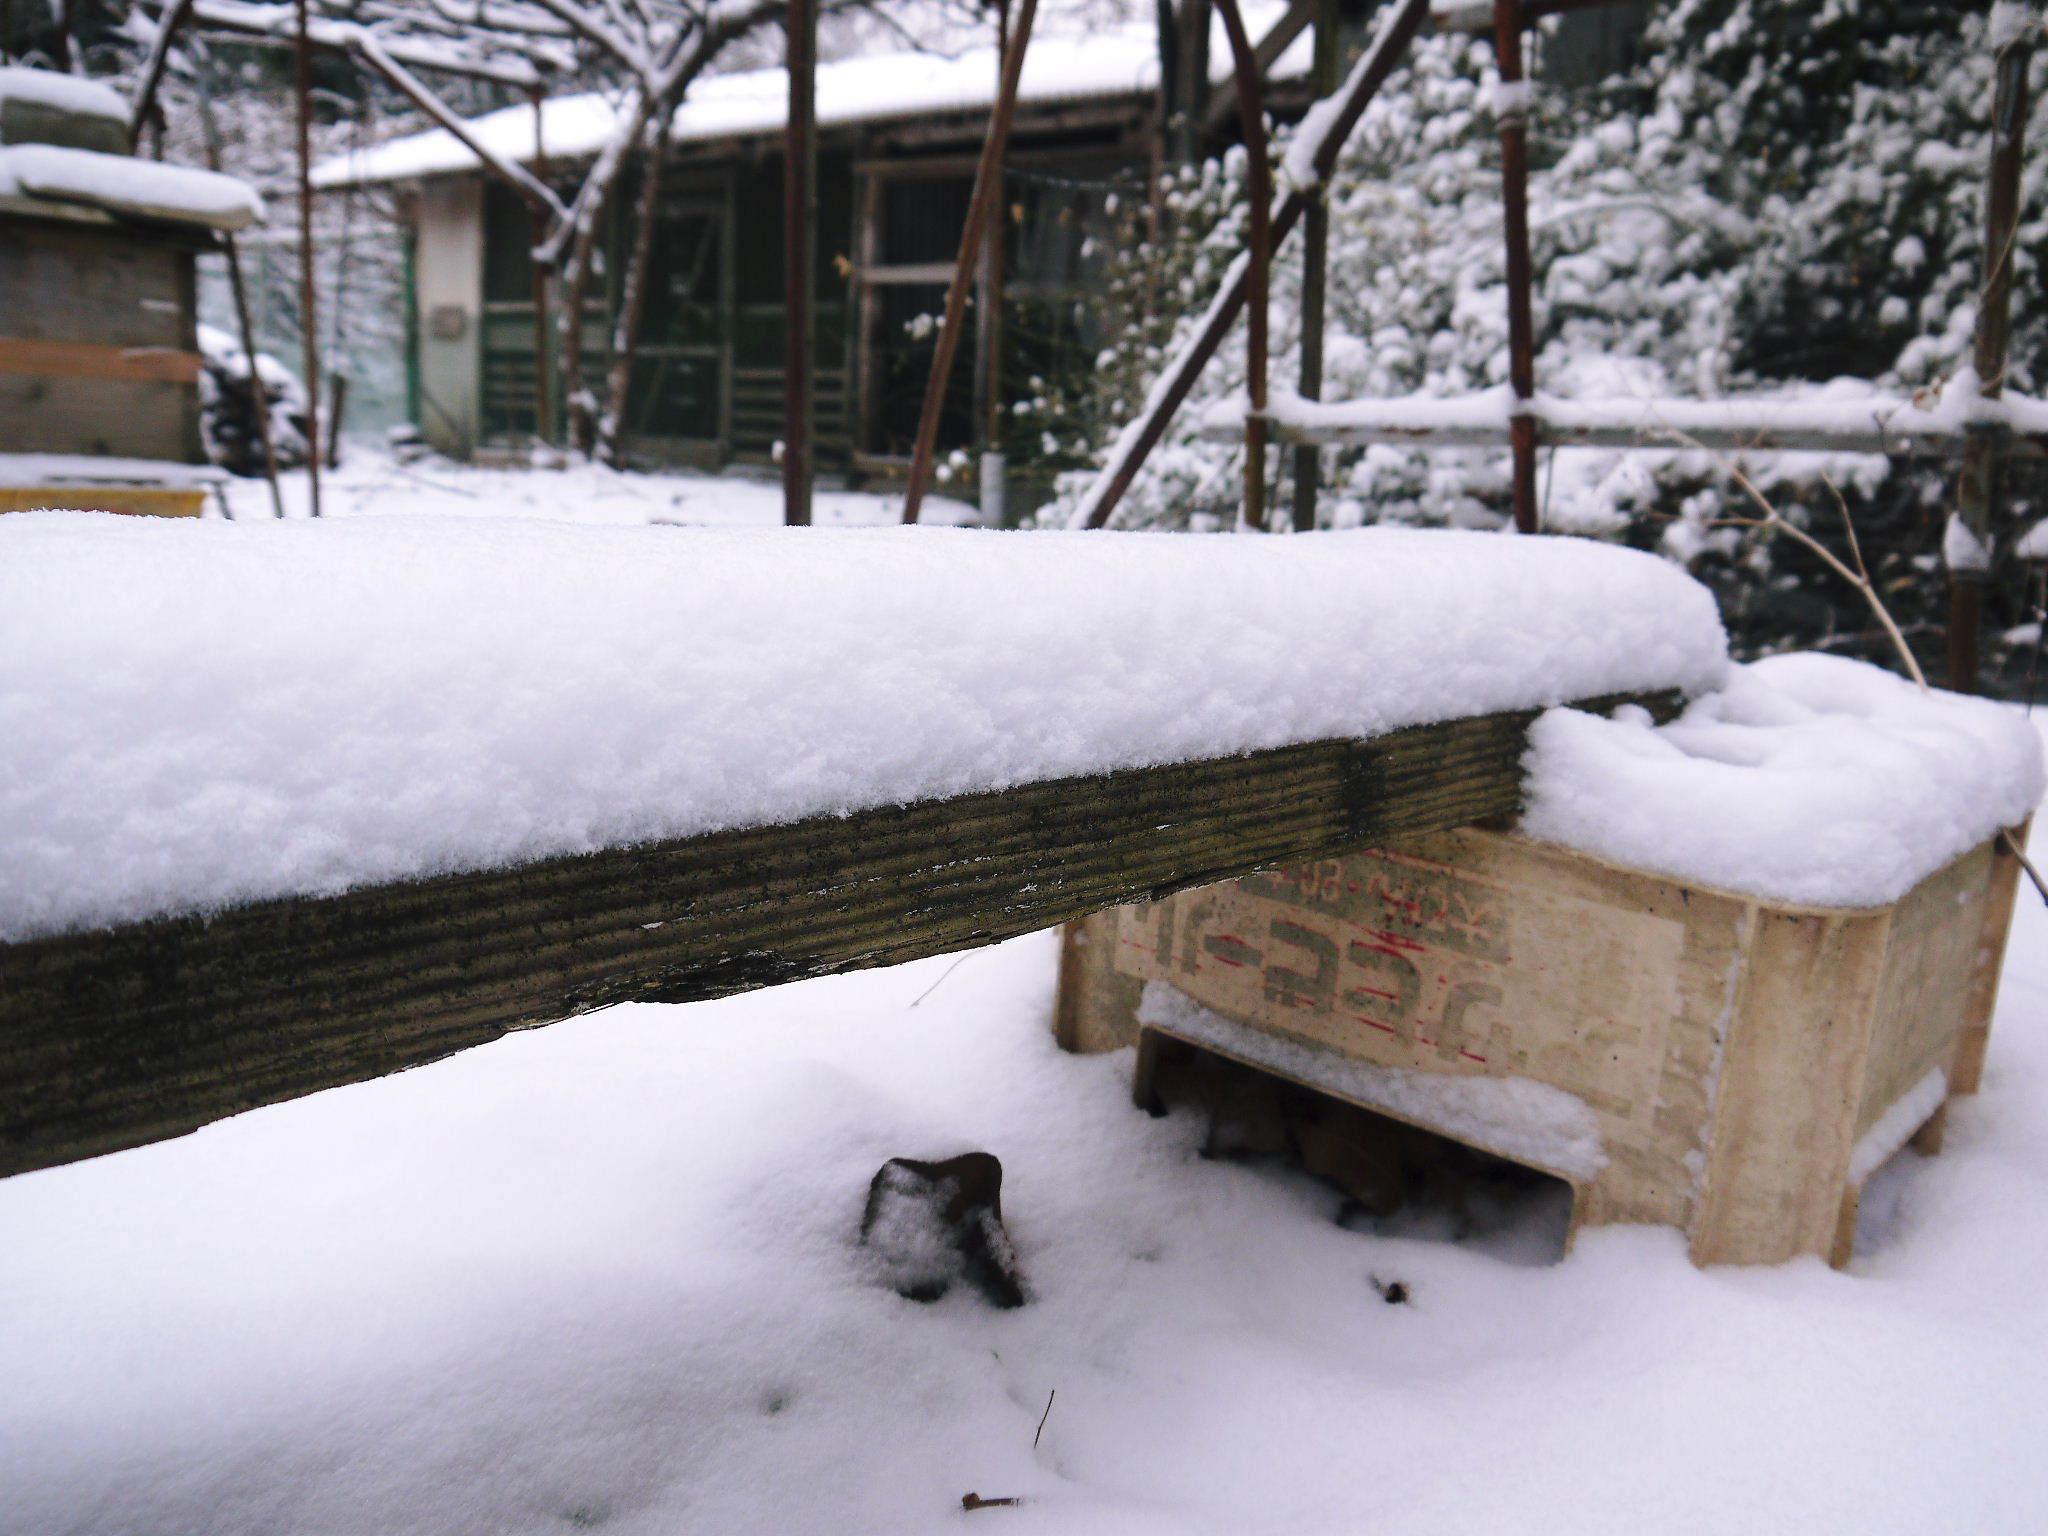 株式会社旬援隊の冬の様子2021 春と思い咲き始めた花々に雪が積もっています!_a0254656_13310385.jpg